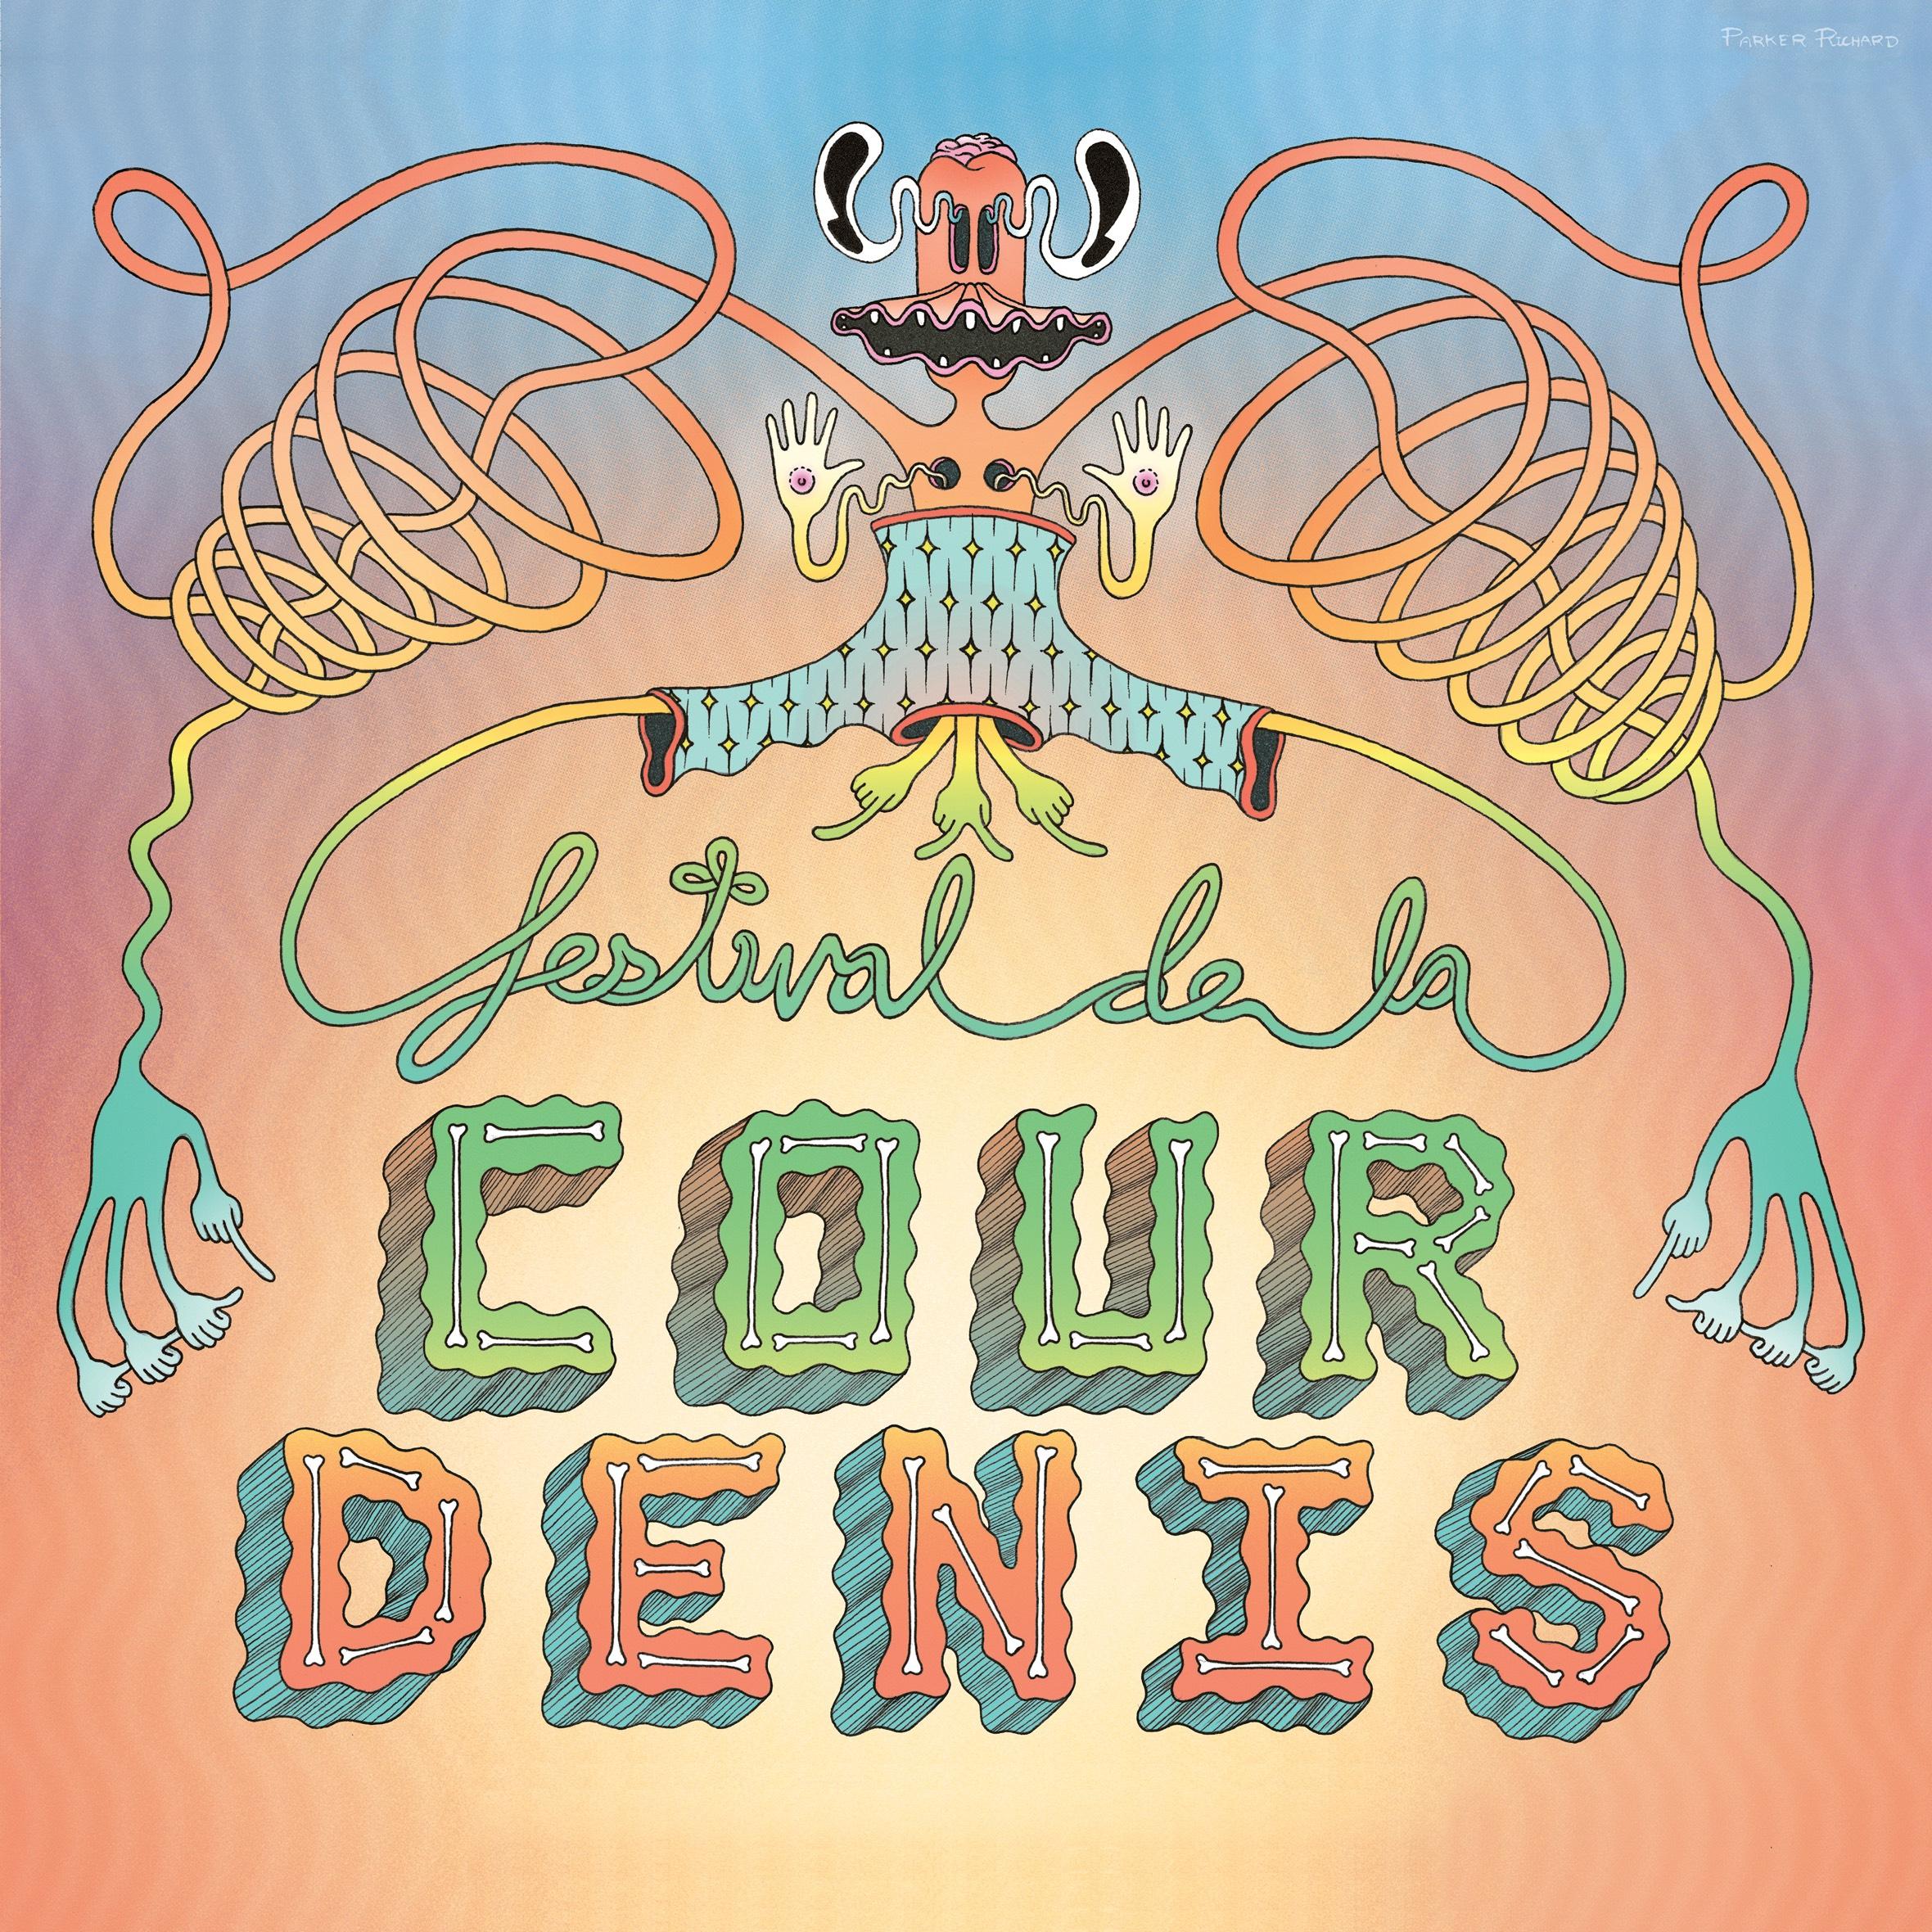 Festival de la Cour Denis 2016 Poster